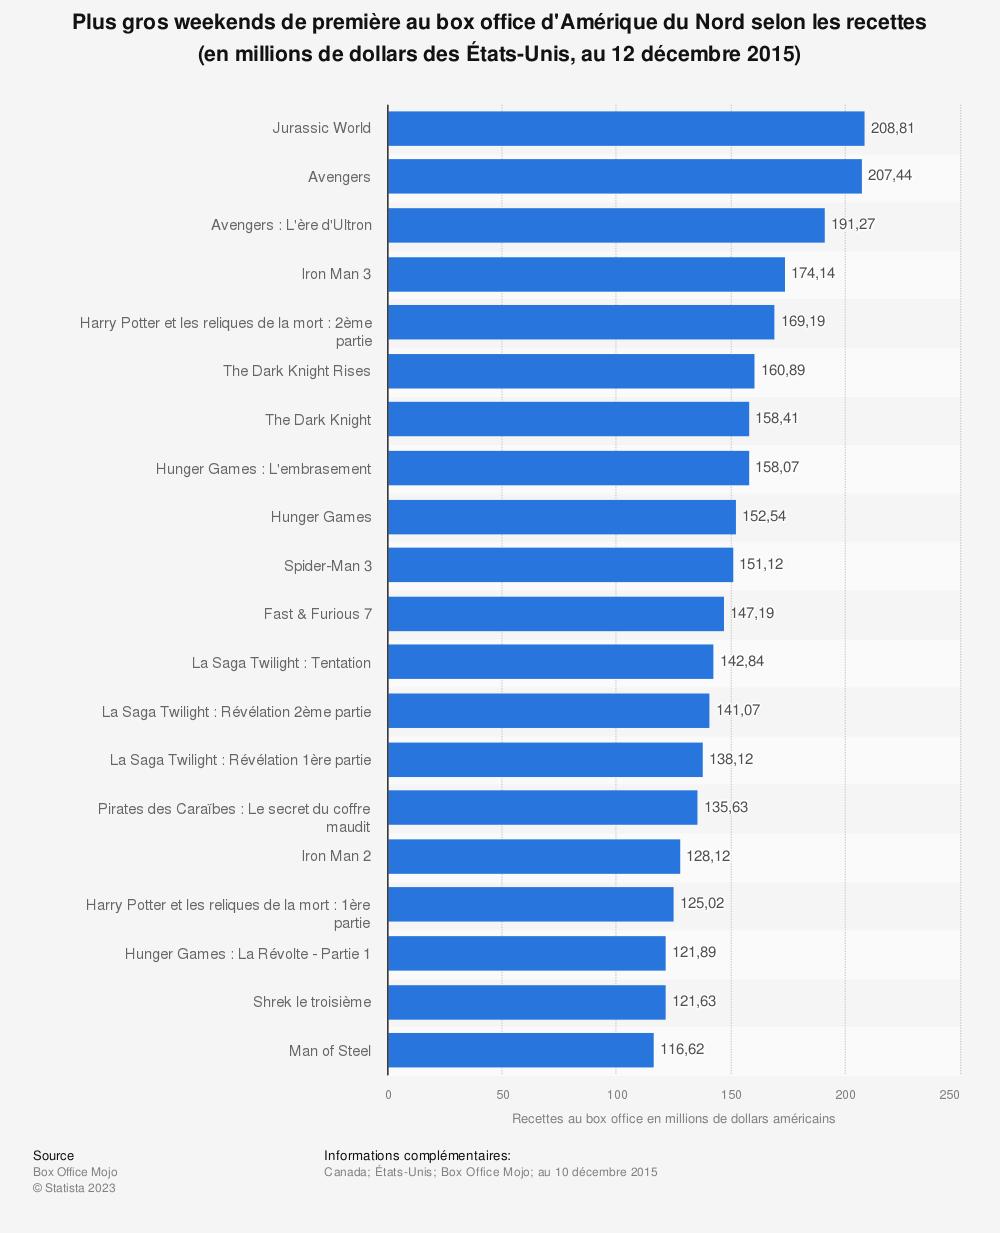 Statistique: Plus gros weekends de première au box office d'Amérique du Nord selon les recettes (en millions de dollars des États-Unis, au 12 décembre 2015) | Statista